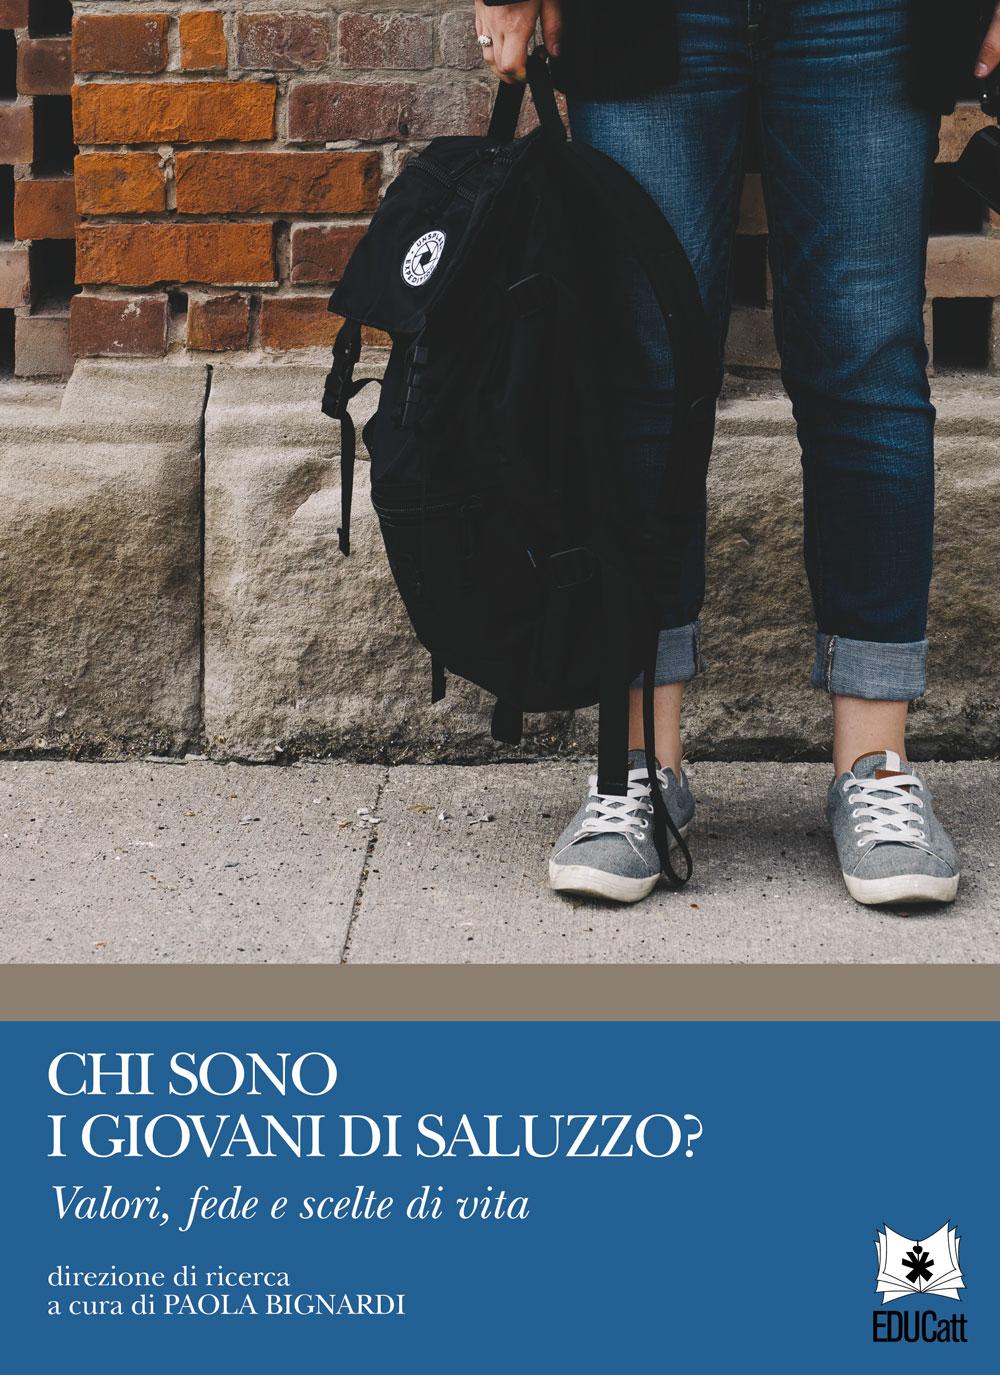 Chi sono i giovani di Saluzzo? valori, fede e scelte di vita